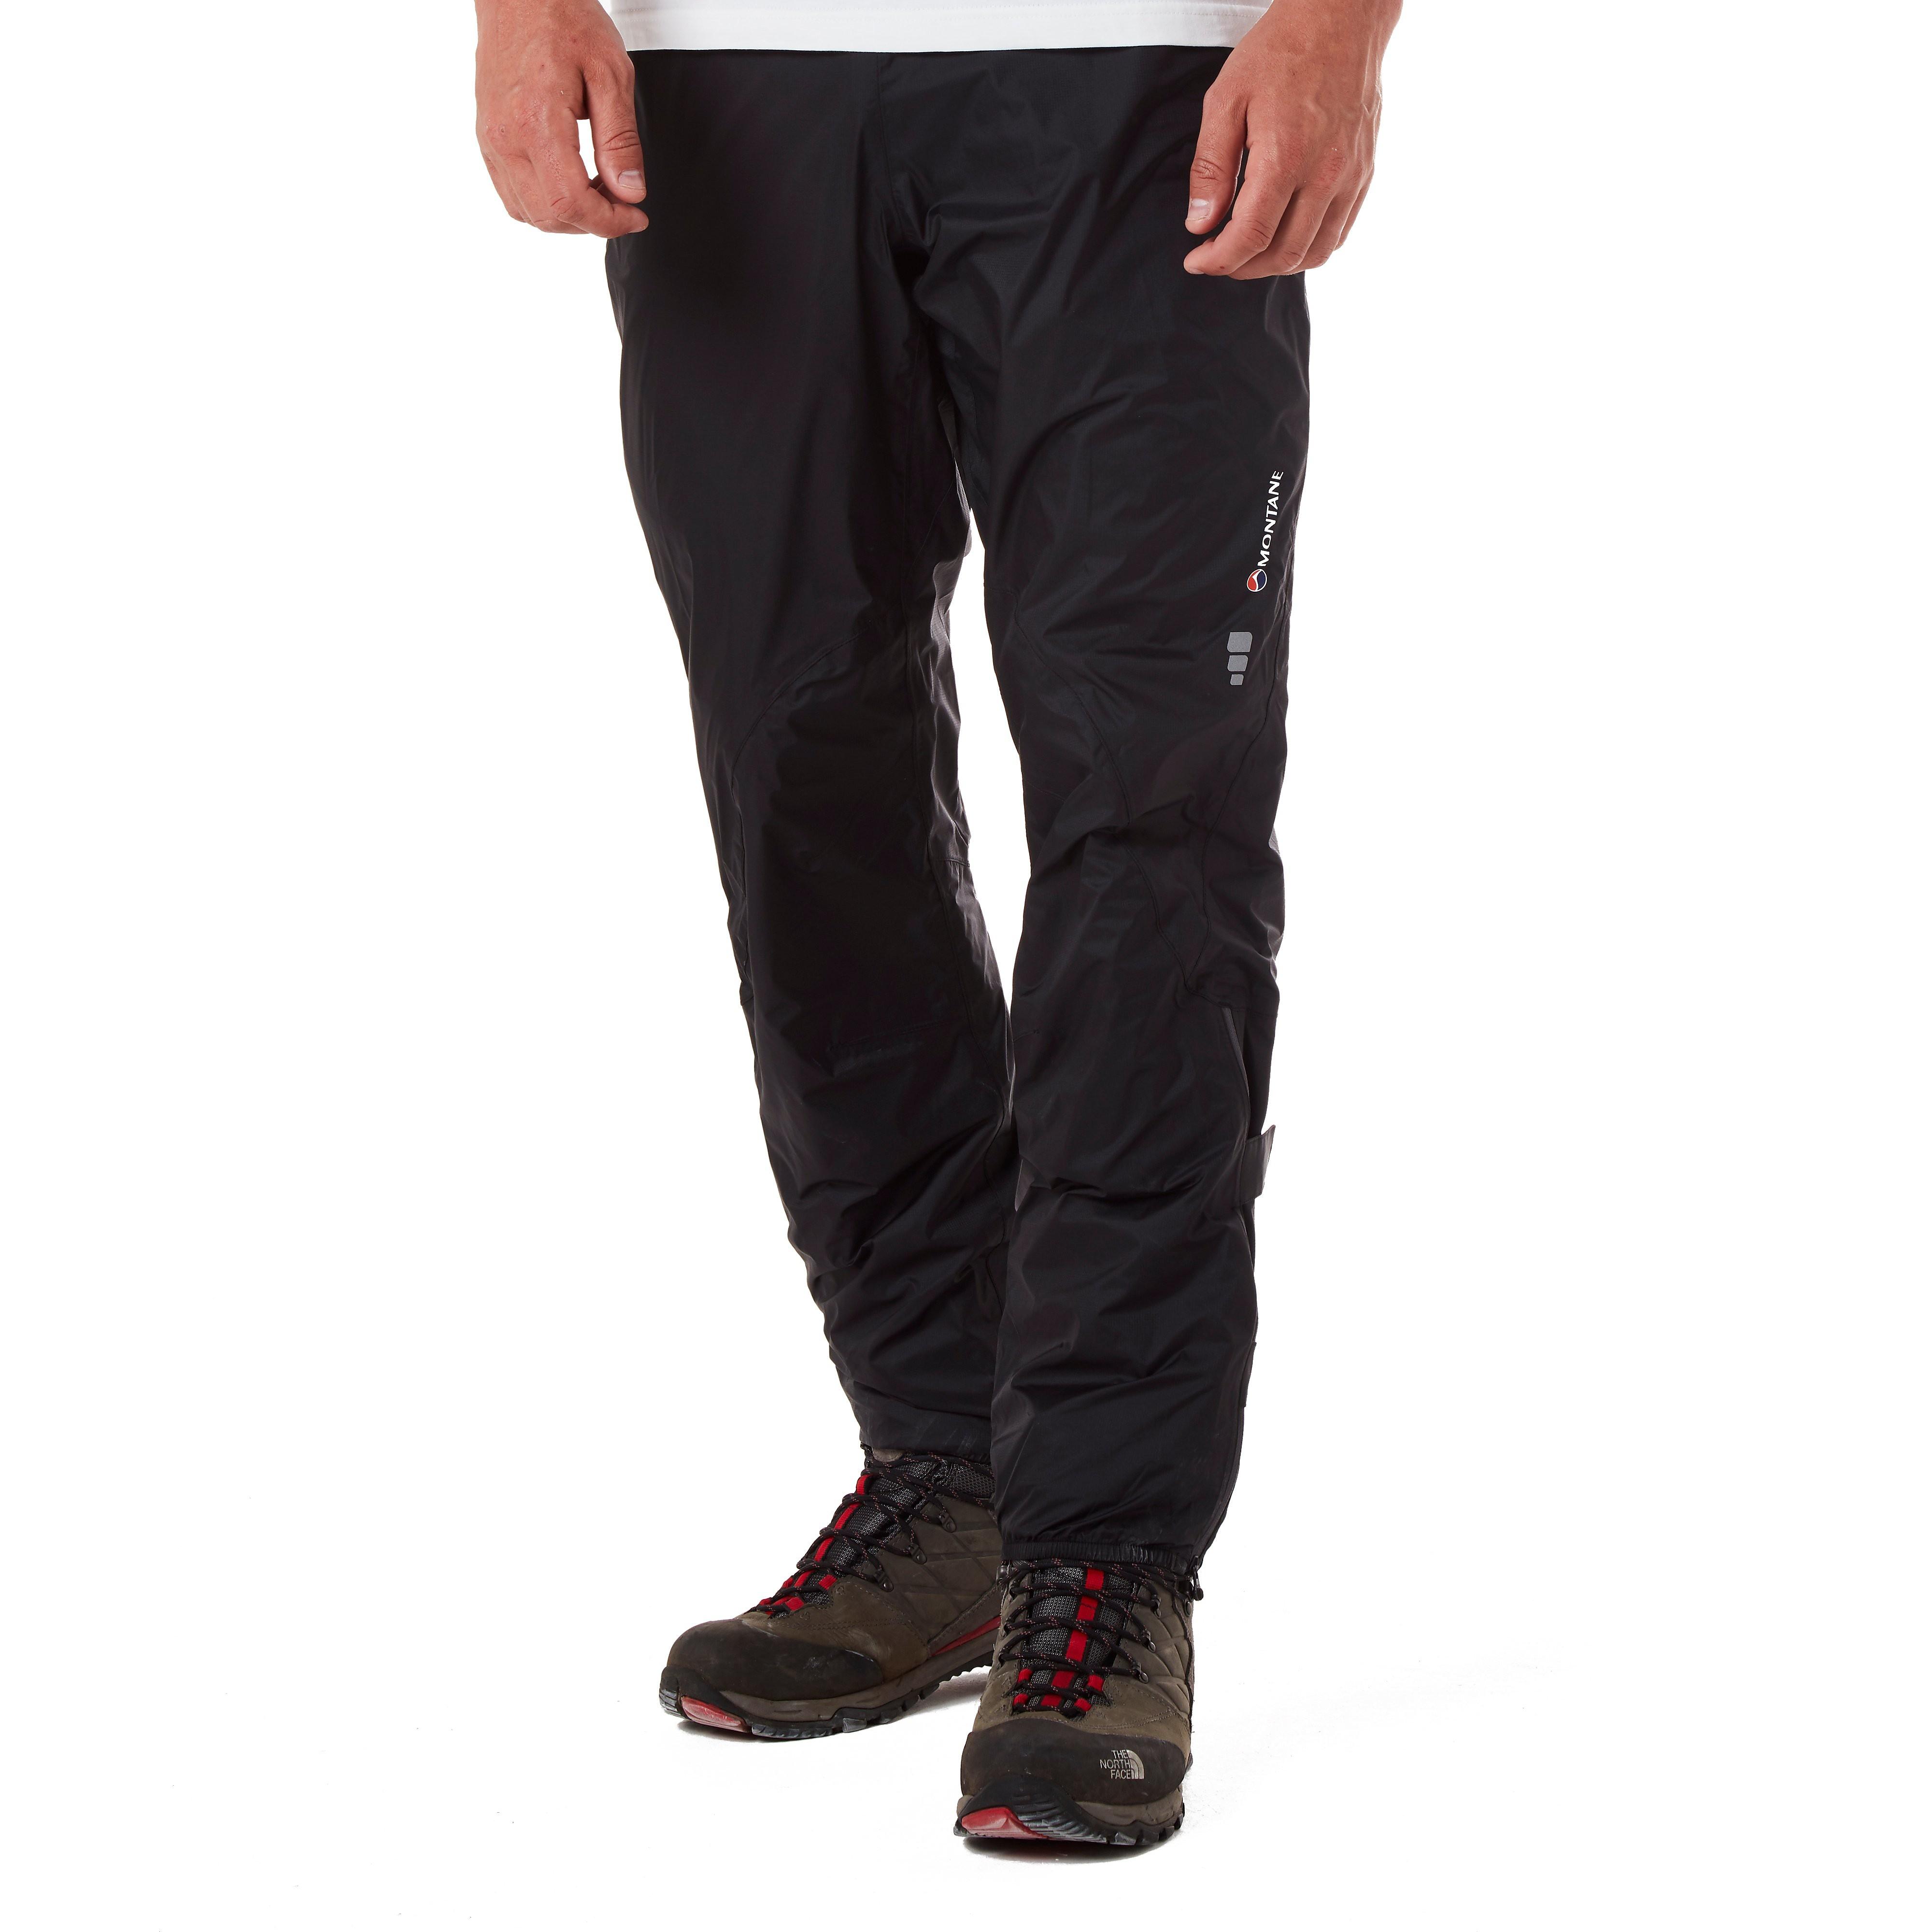 Montane Minimus Men's Pants